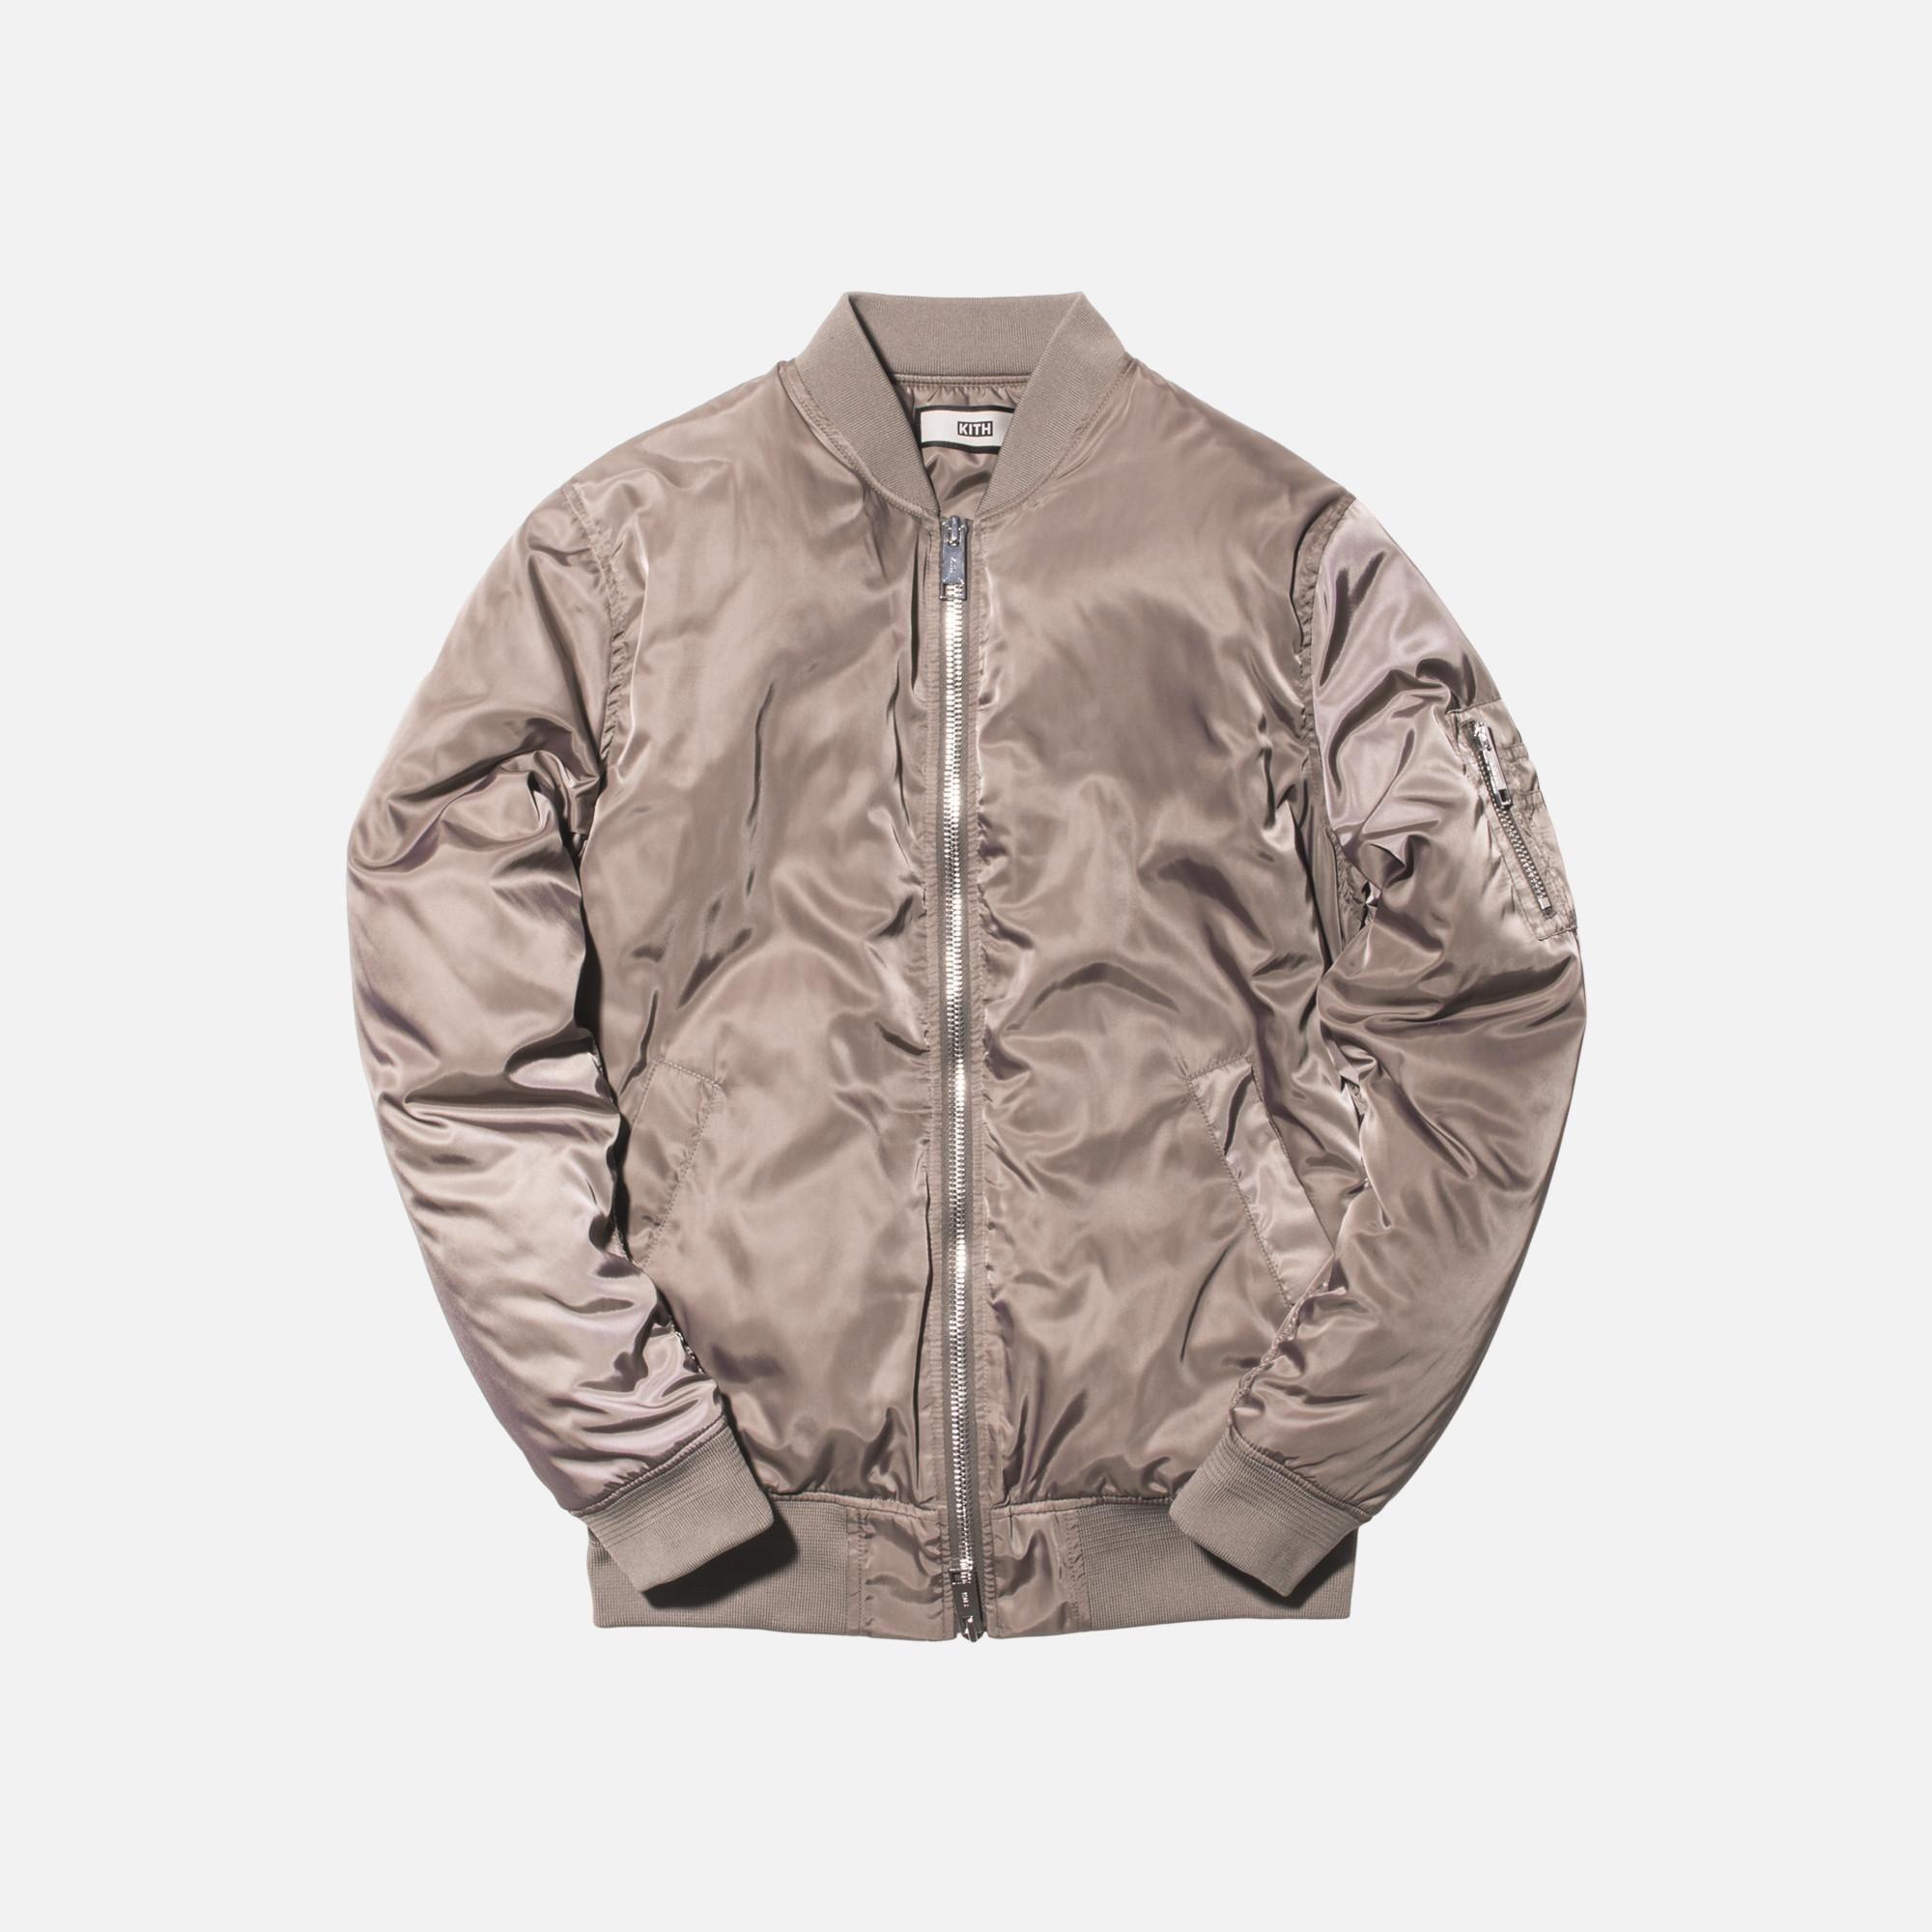 e6c1039c2 Kith Classics Astor Bomber - Cinder | Fashion | Bomber jacket ...